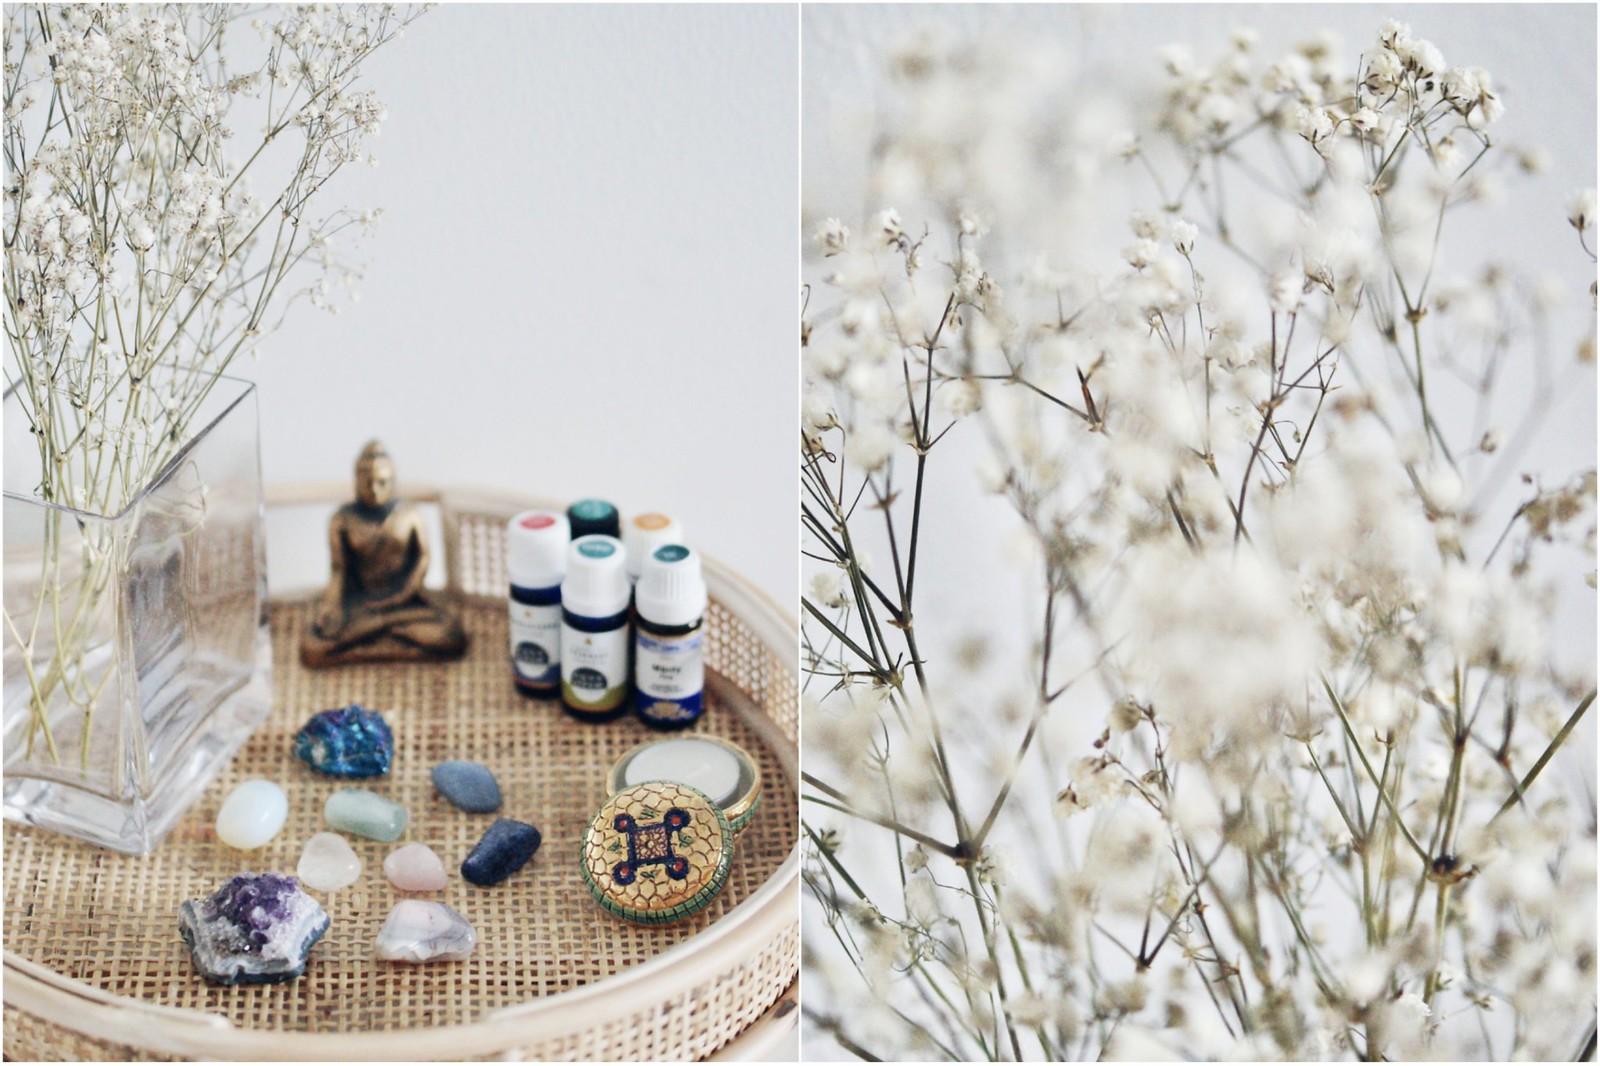 kuivatut-kukat-boheemi-sisustus-blogi